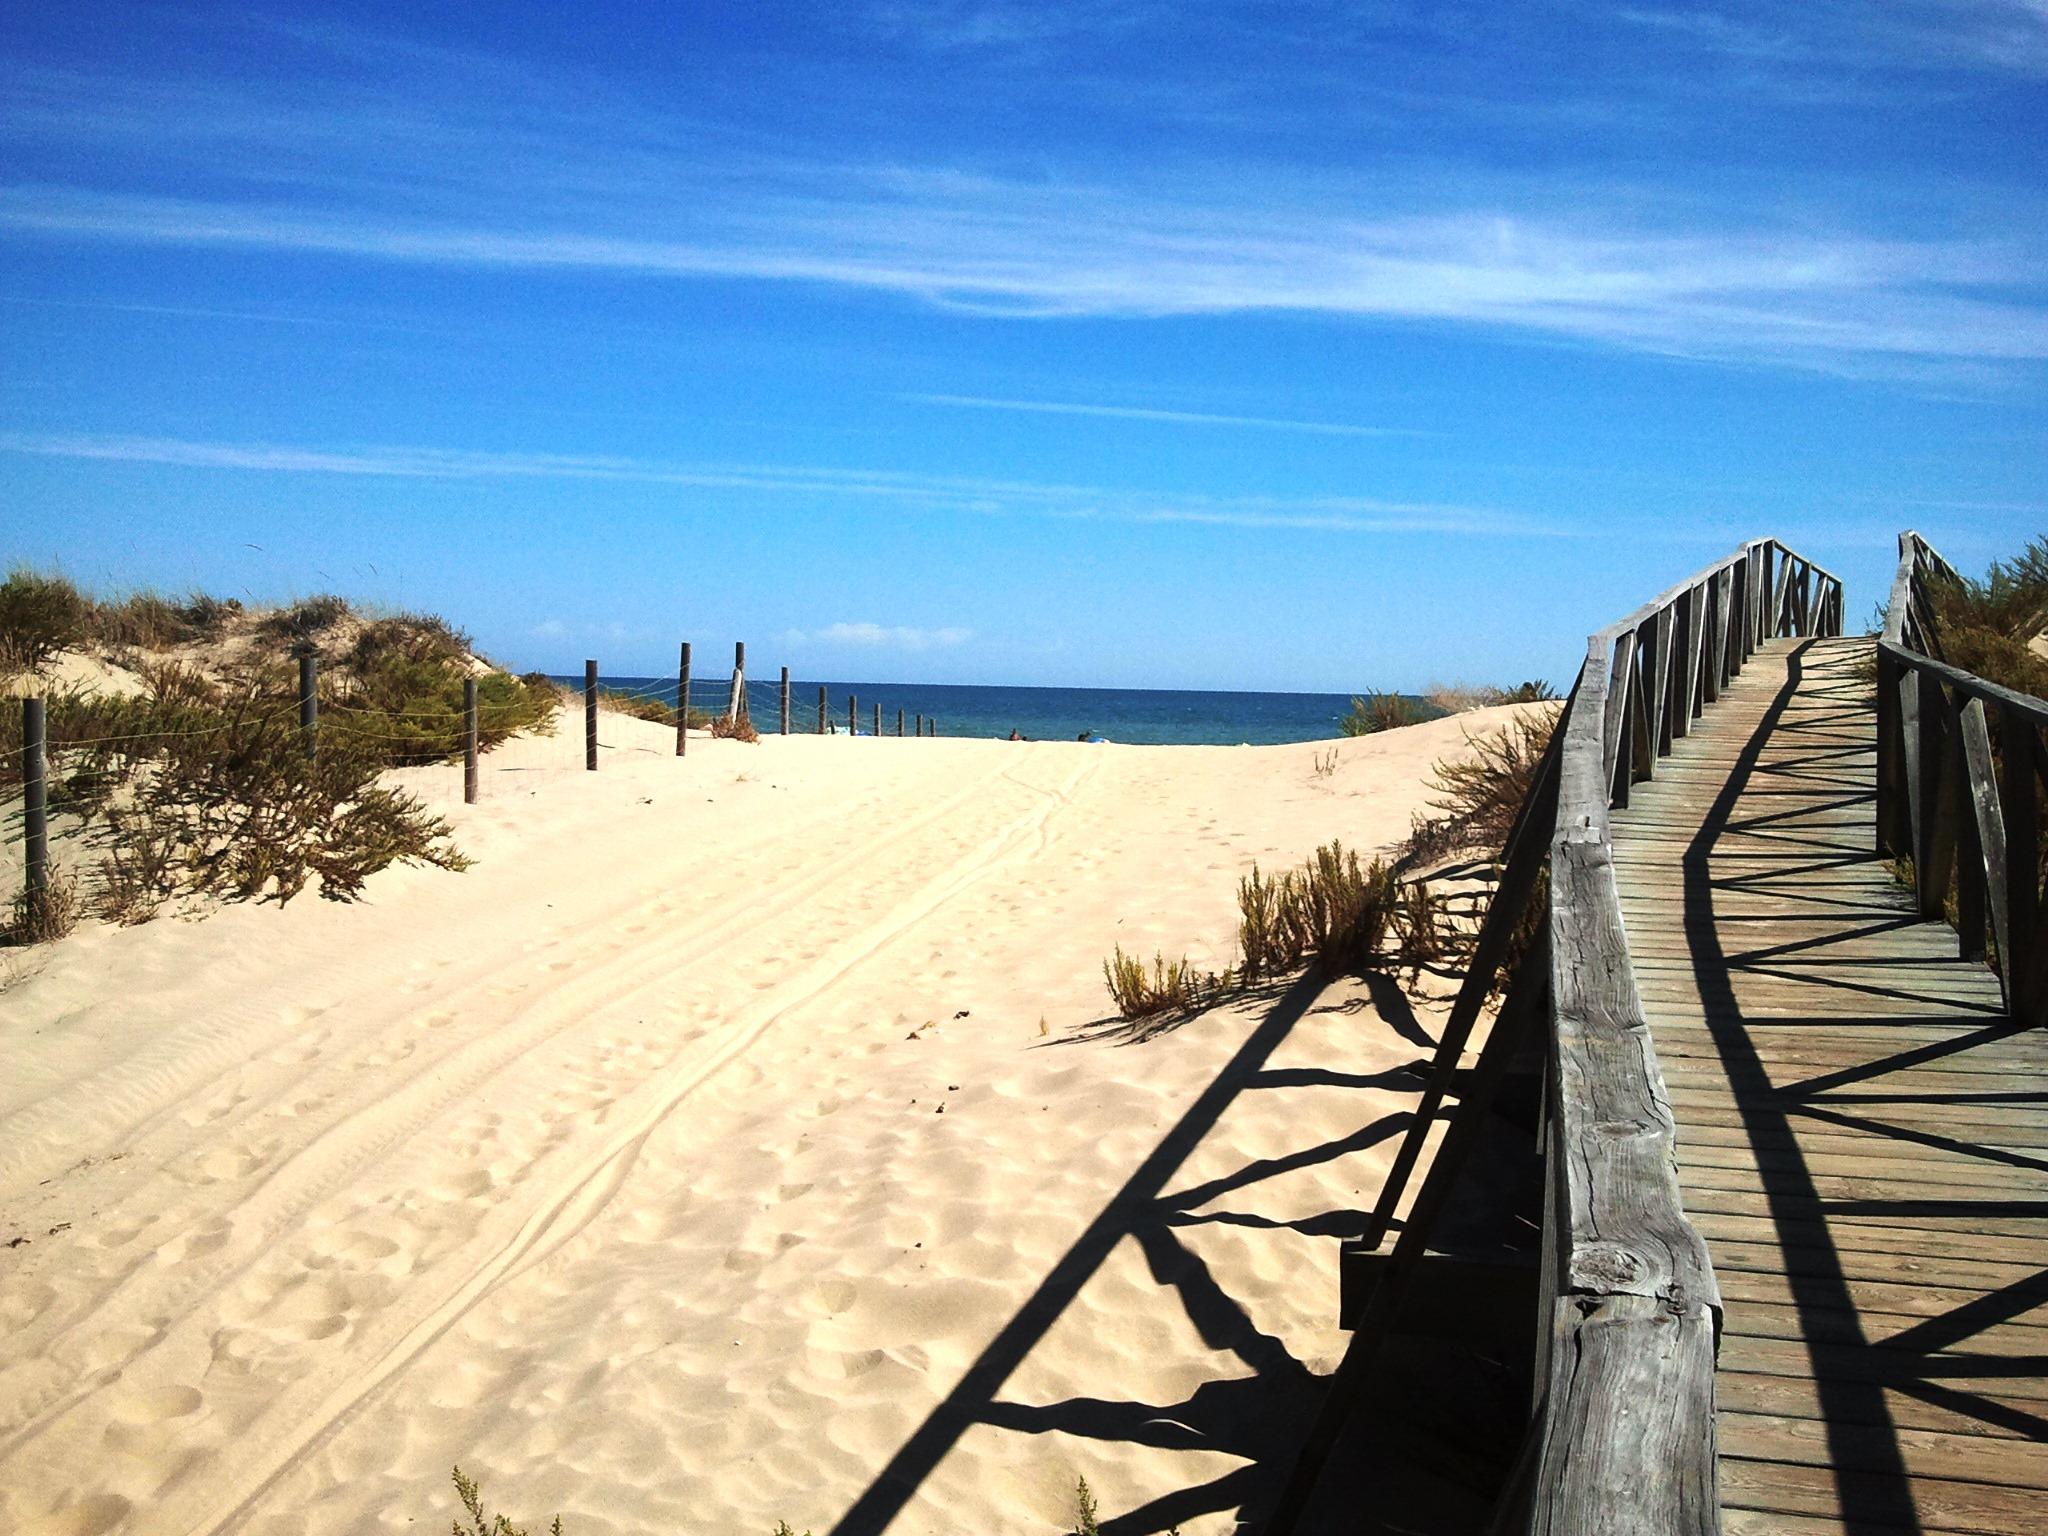 Spiaggia Islantilla